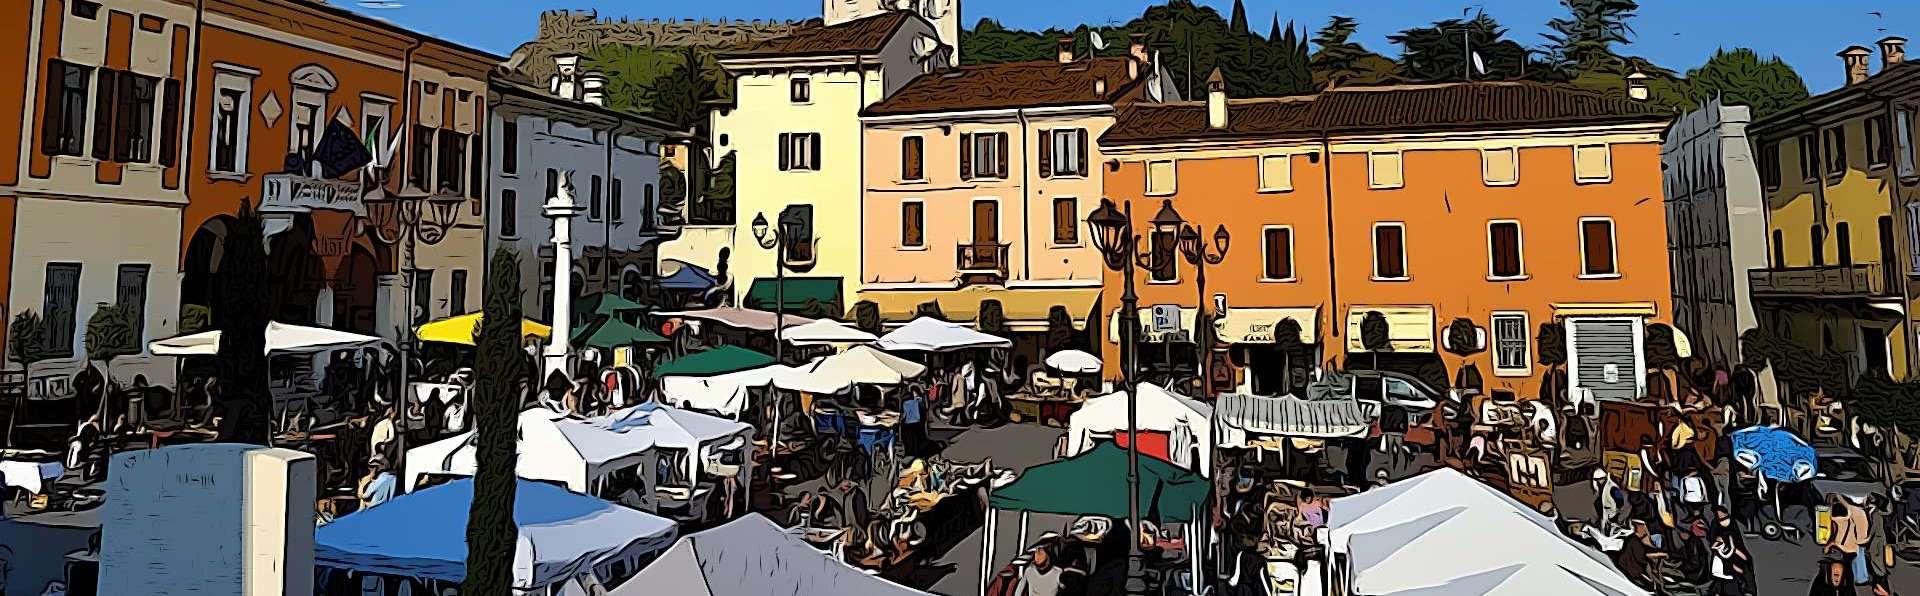 Garda Lombardia | Weekly Markets